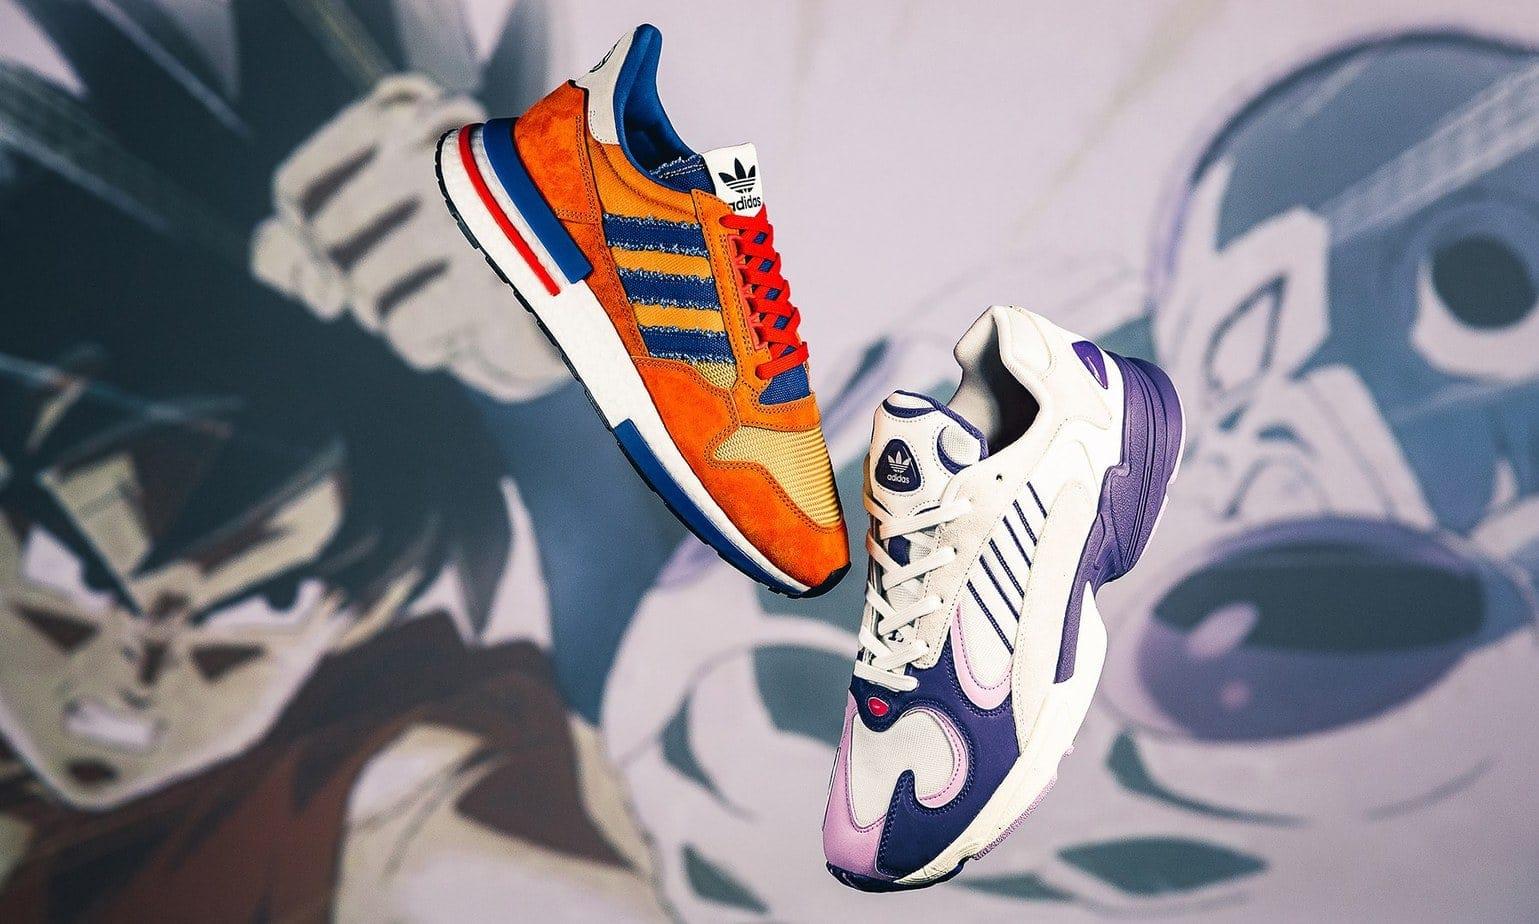 Dragon Ball Z x adidas Goku Frieza Online Links - JustFreshKicks